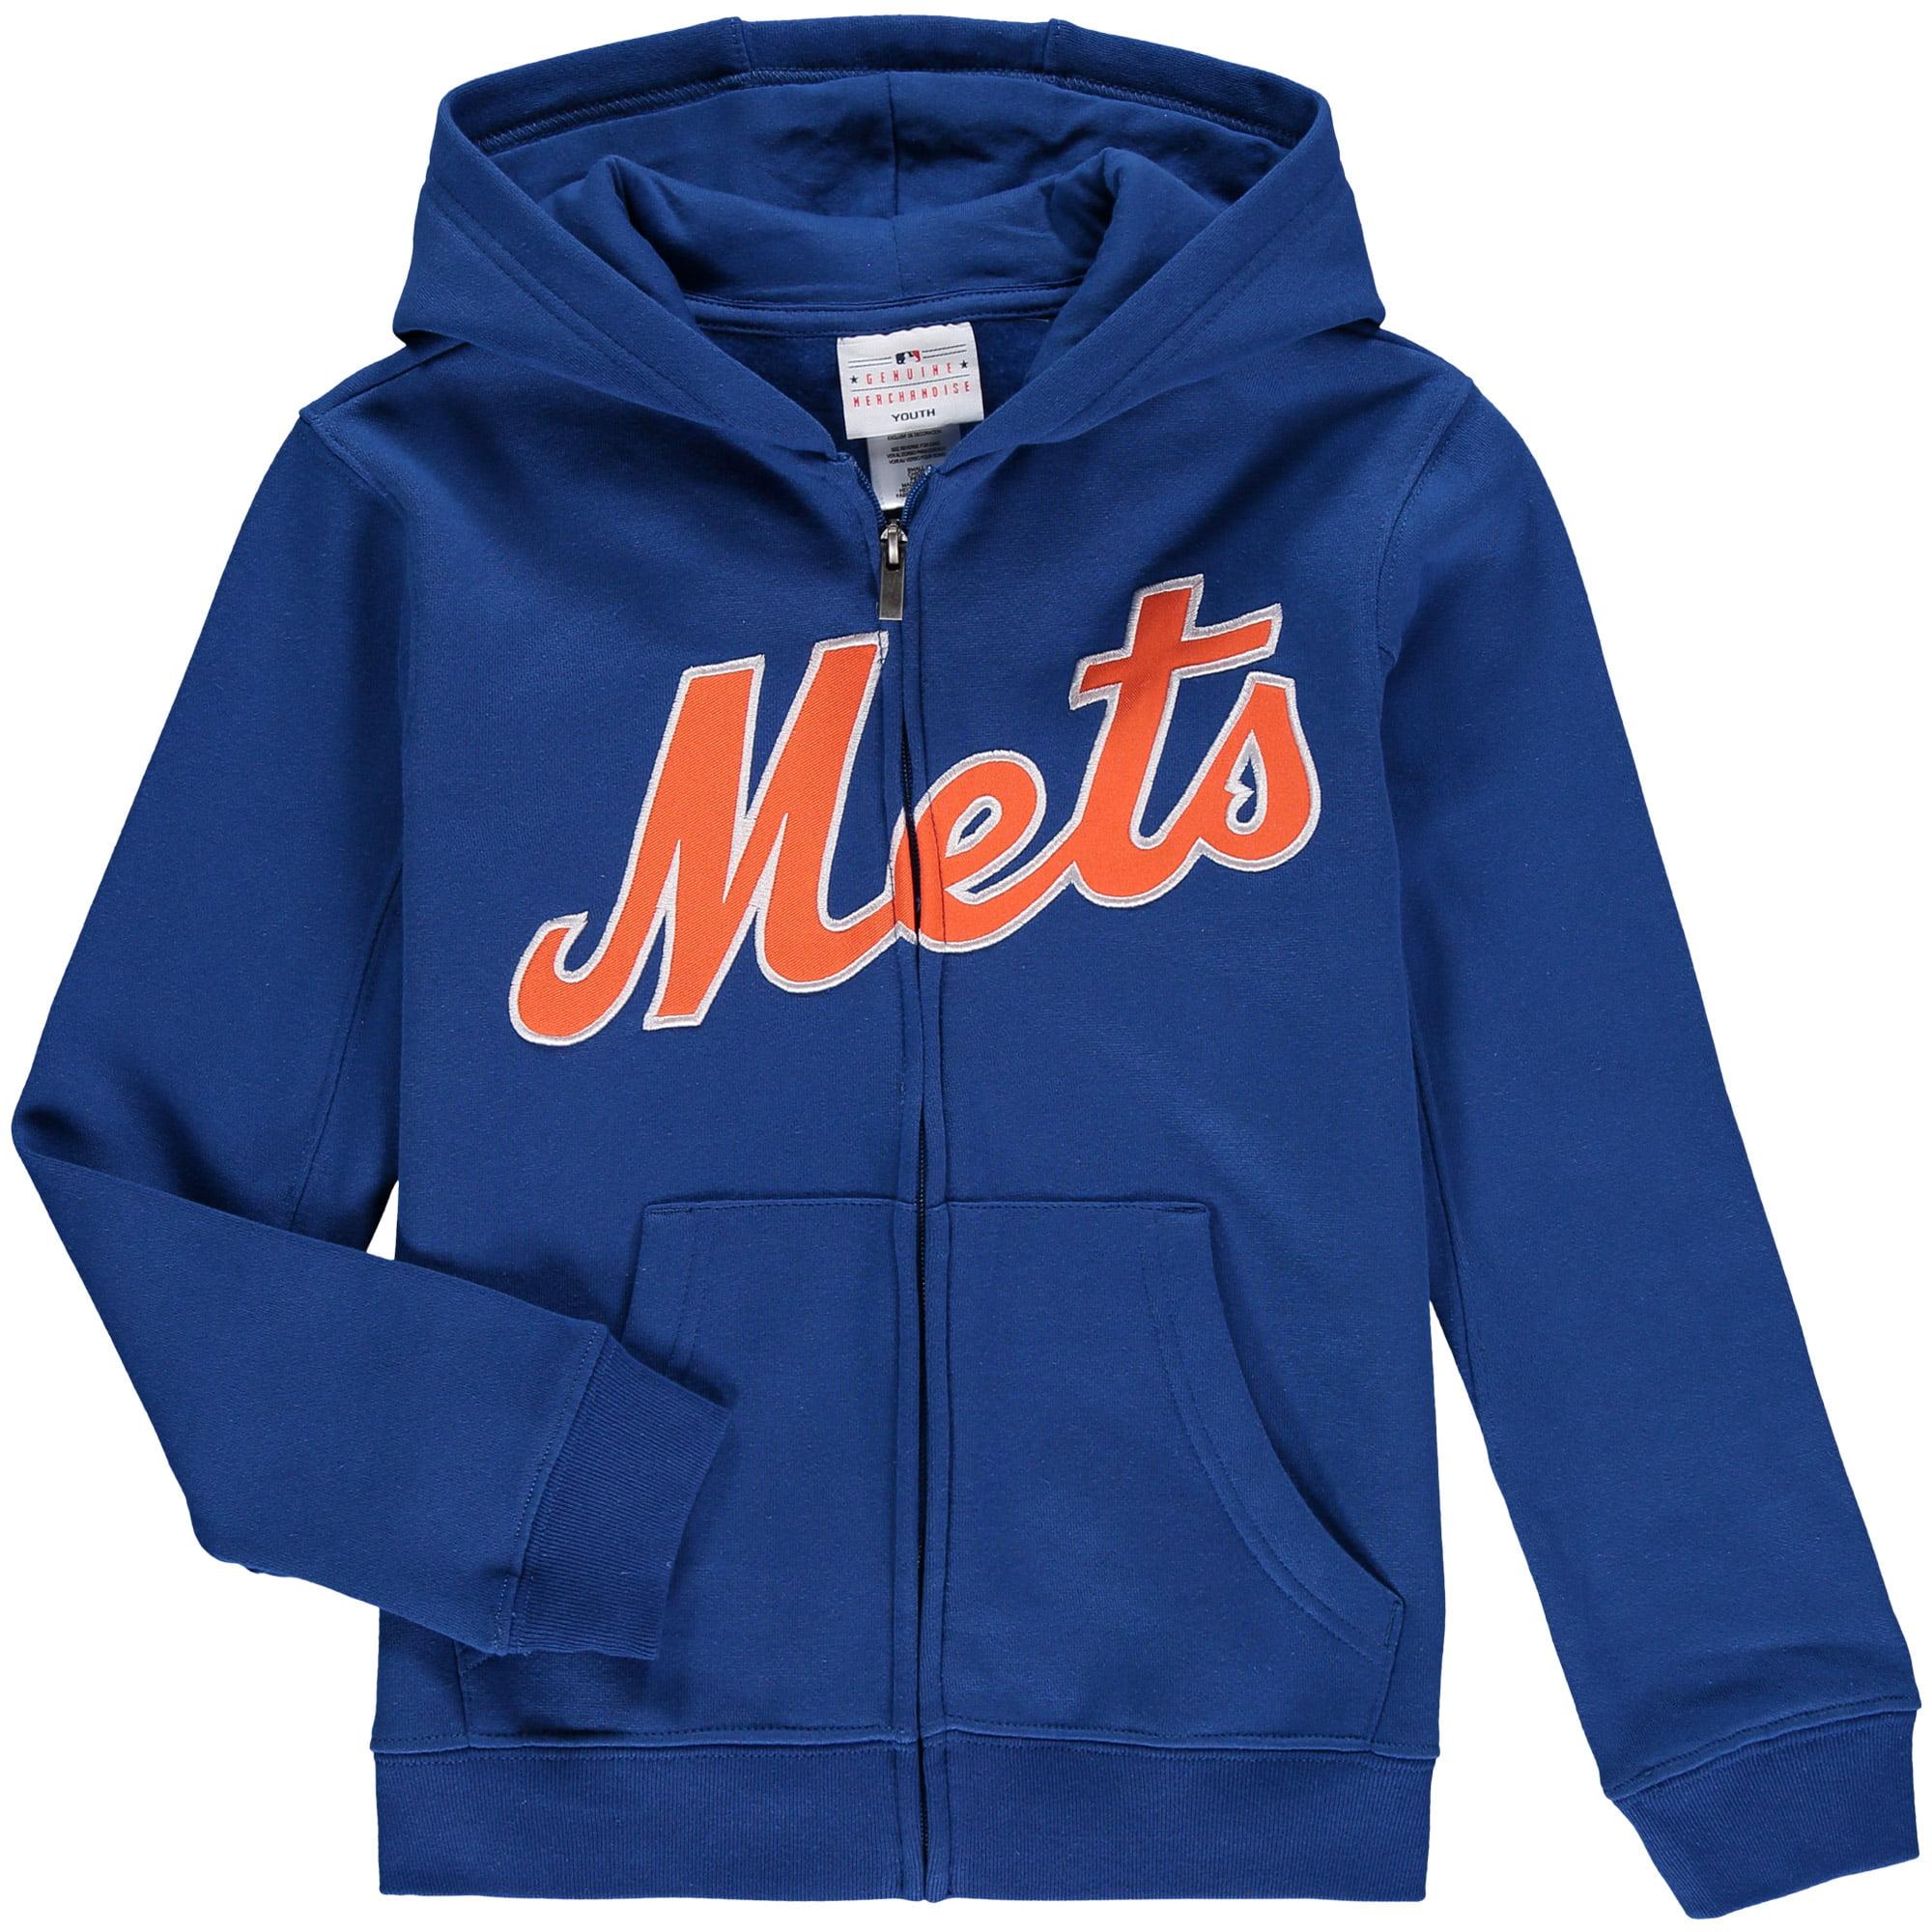 big sale 33c8c a4d49 New York Mets Youth Wordmark Full-Zip Hoodie - Royal